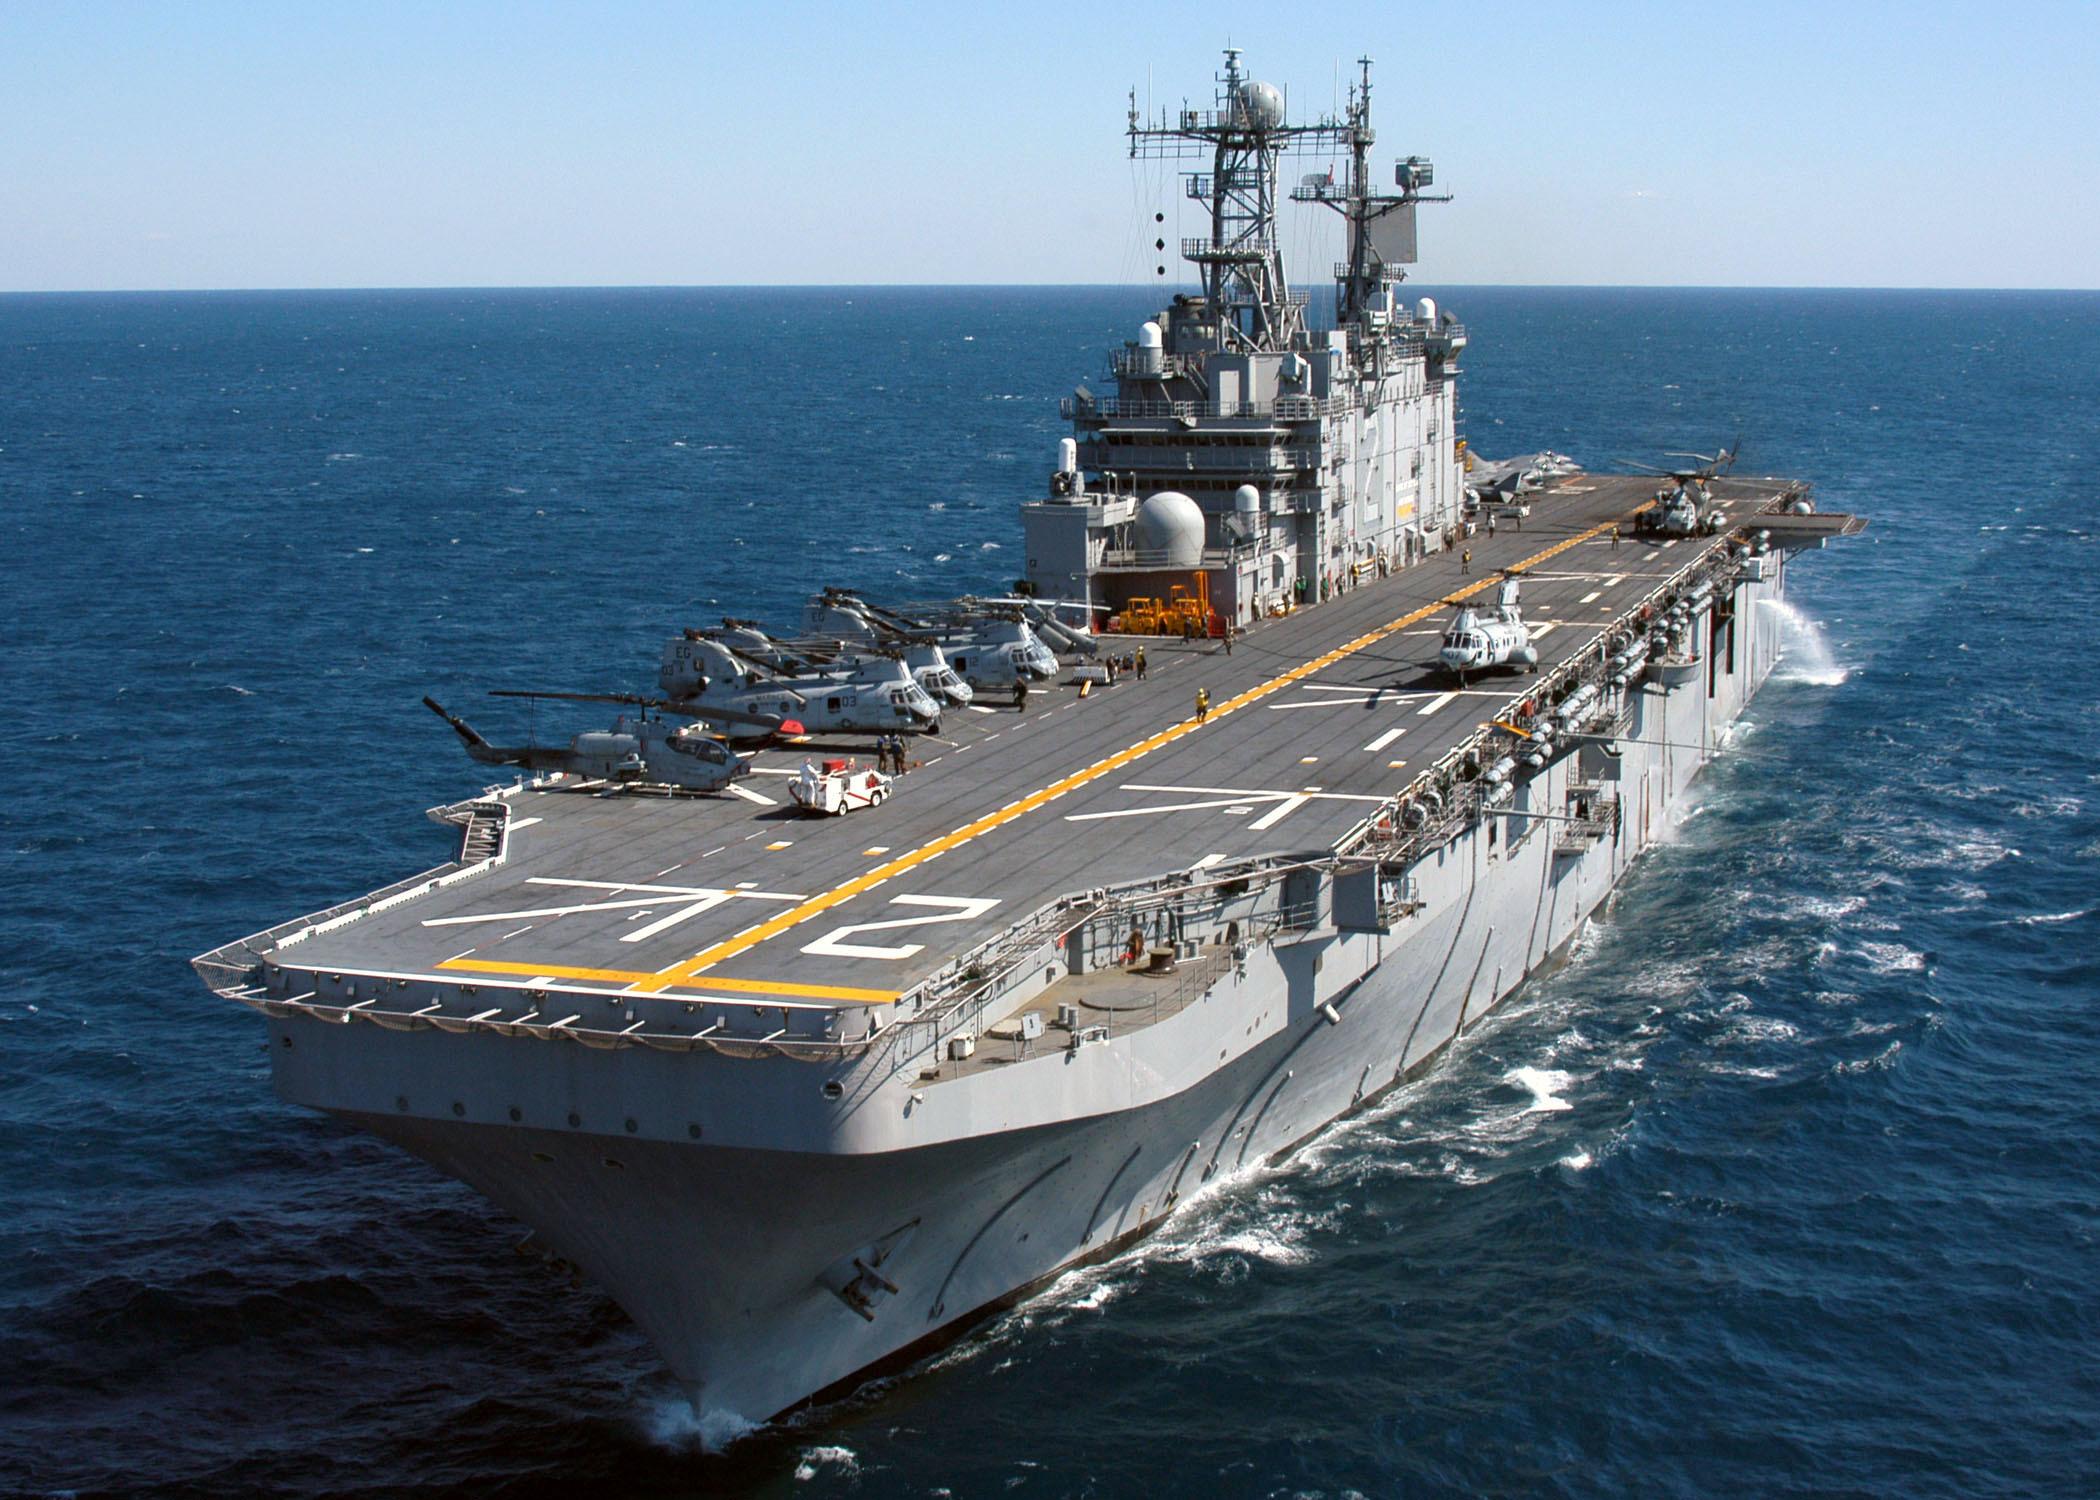 картинки про военных кораблей отсутствии общих